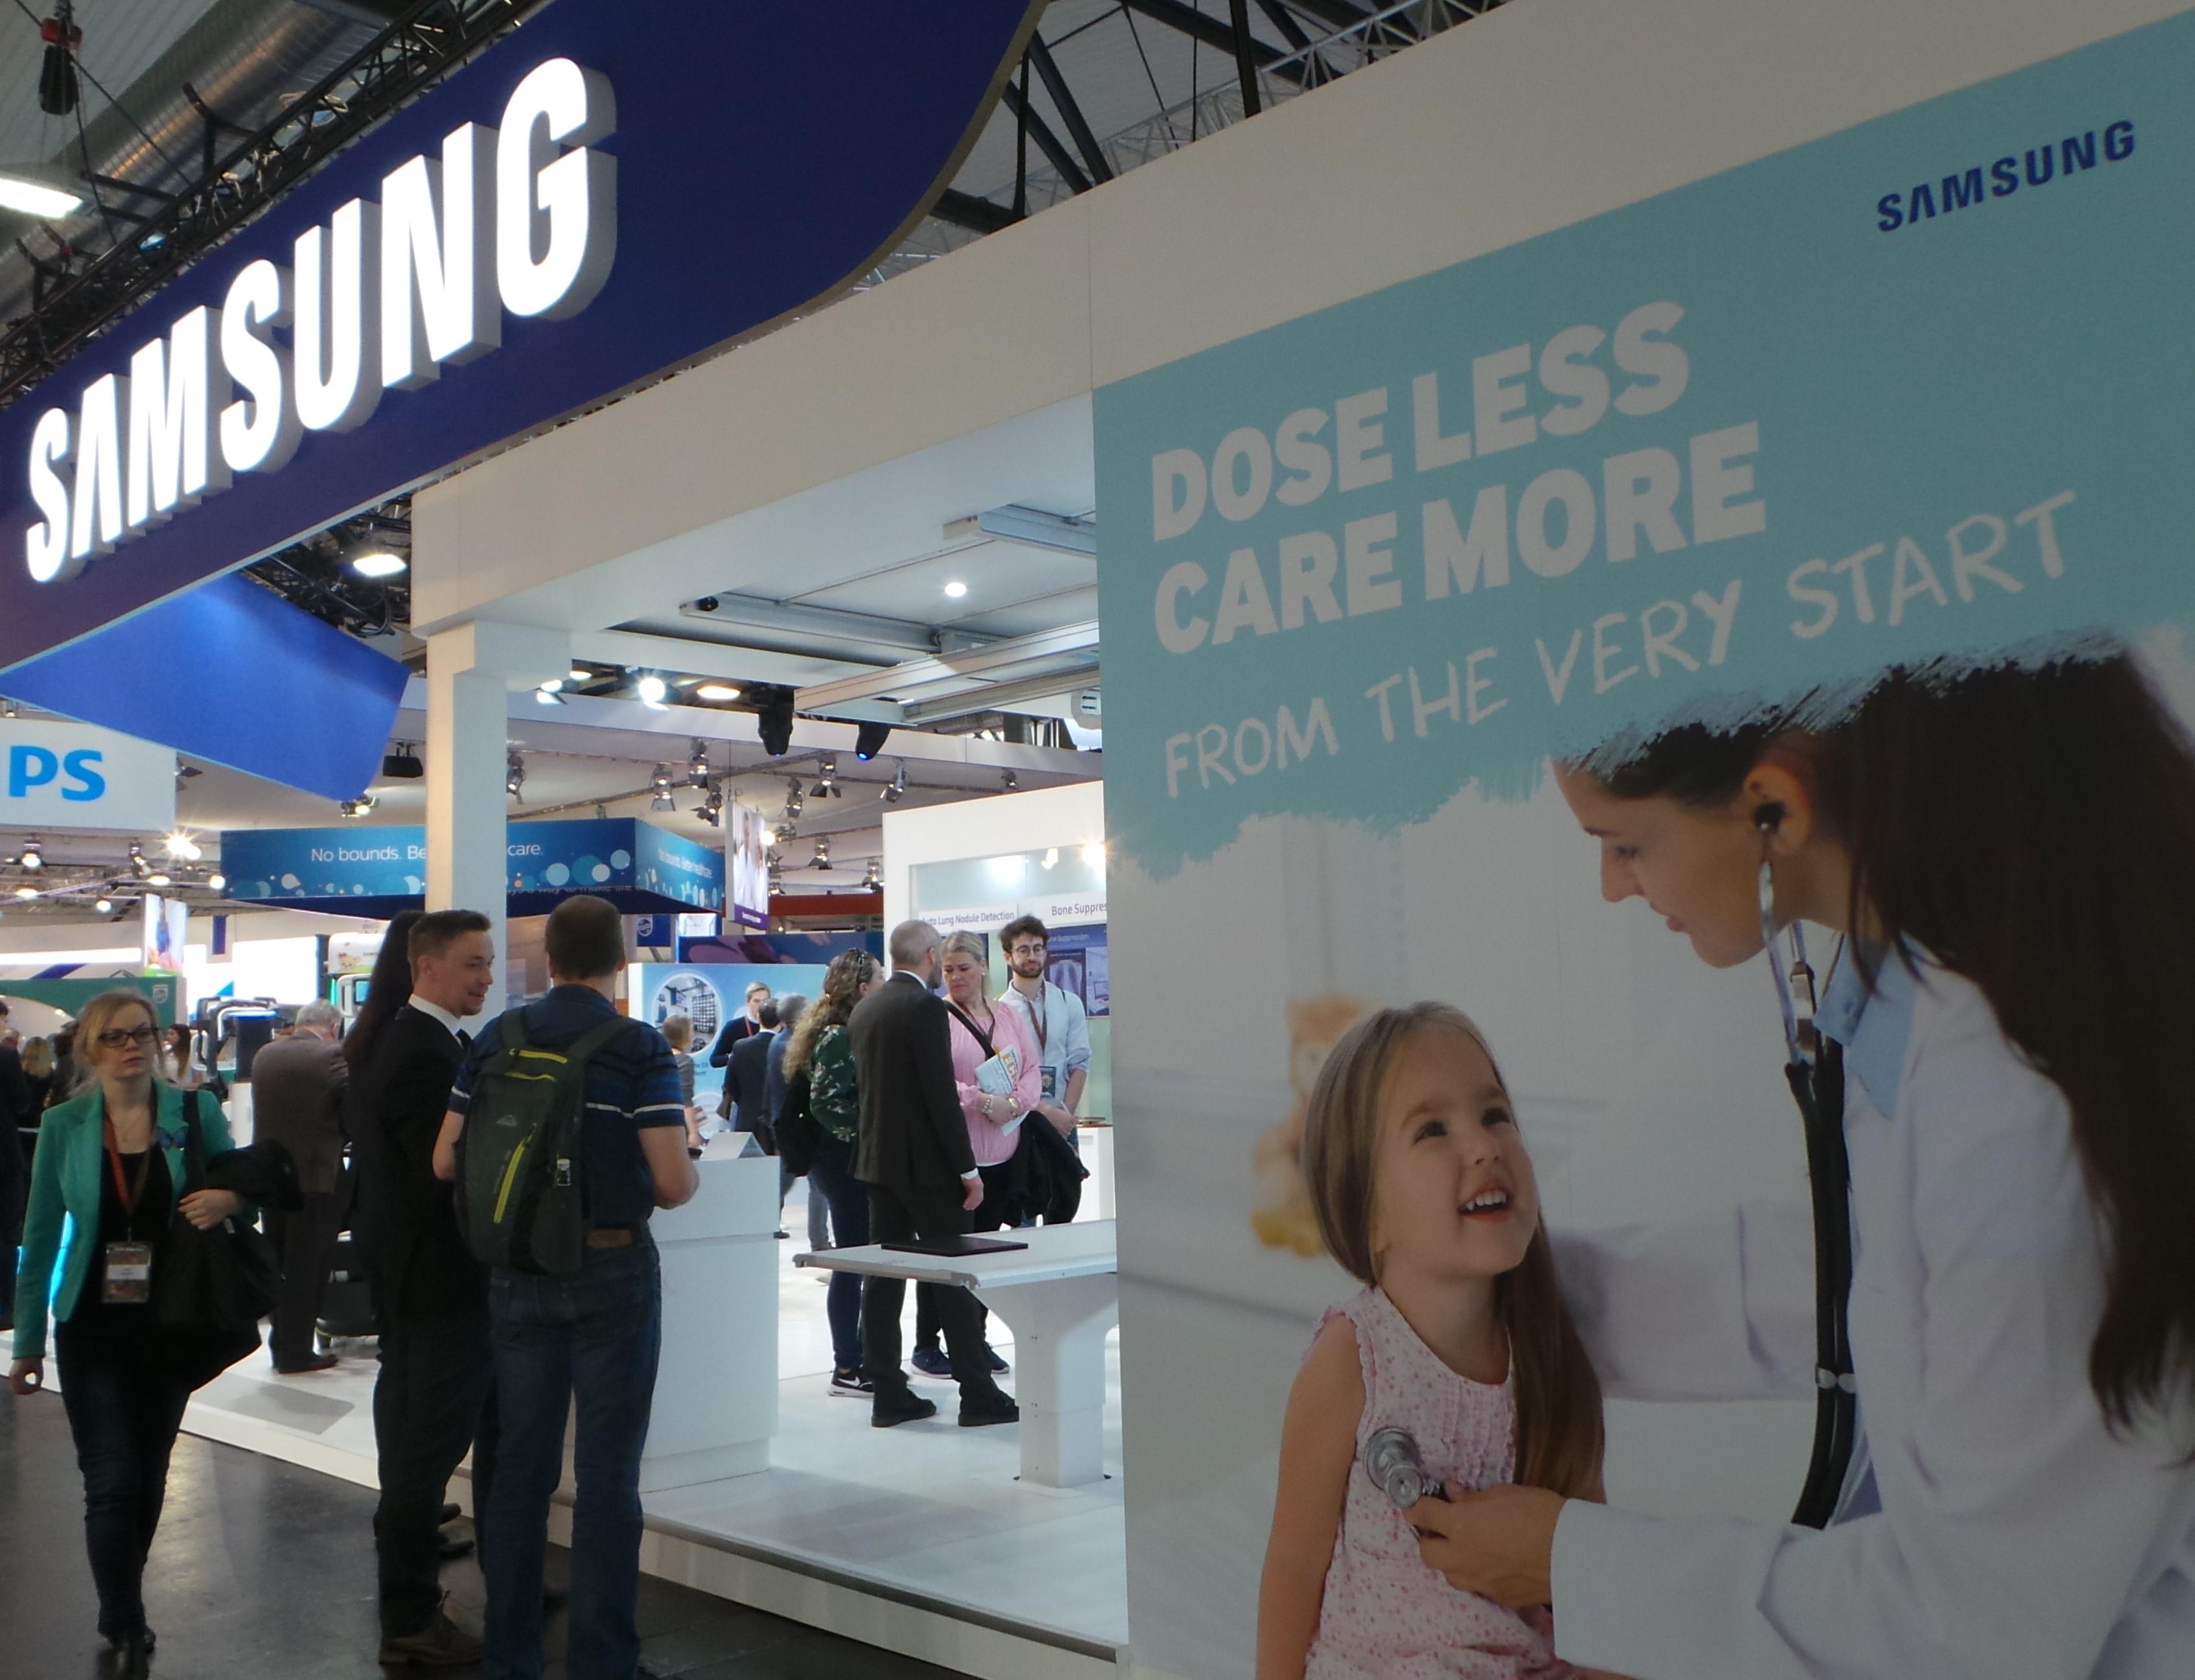 Samsung продемонстрировала новые медицинские технологии